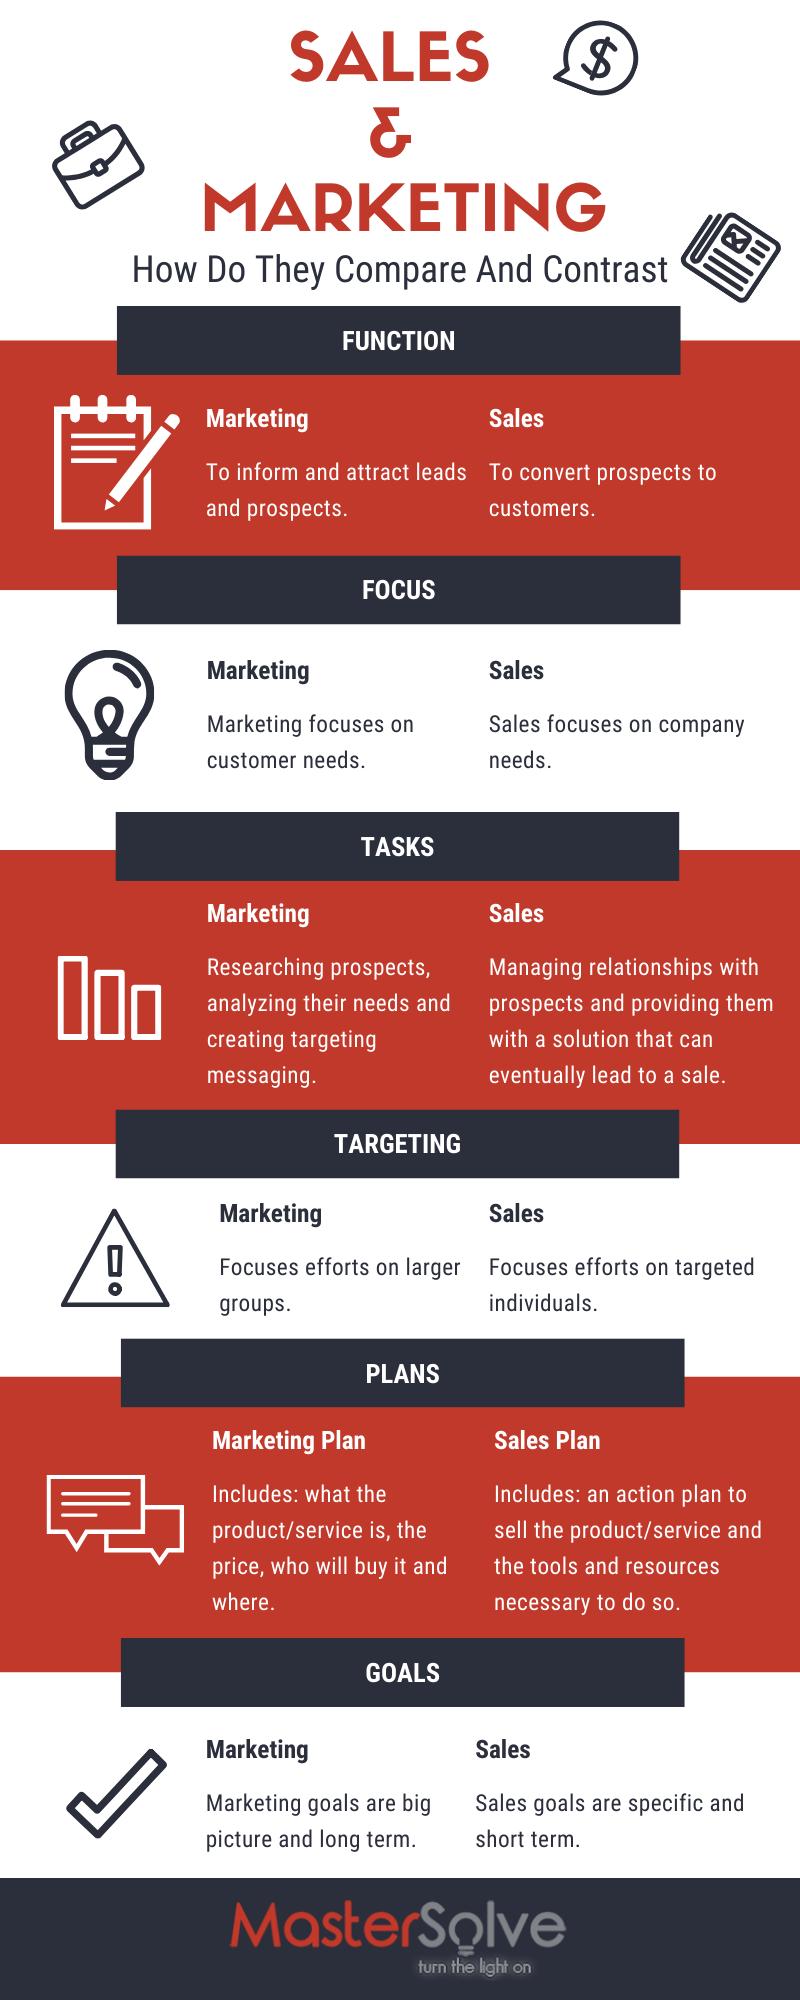 How Do You Compare Sales & Marketing?